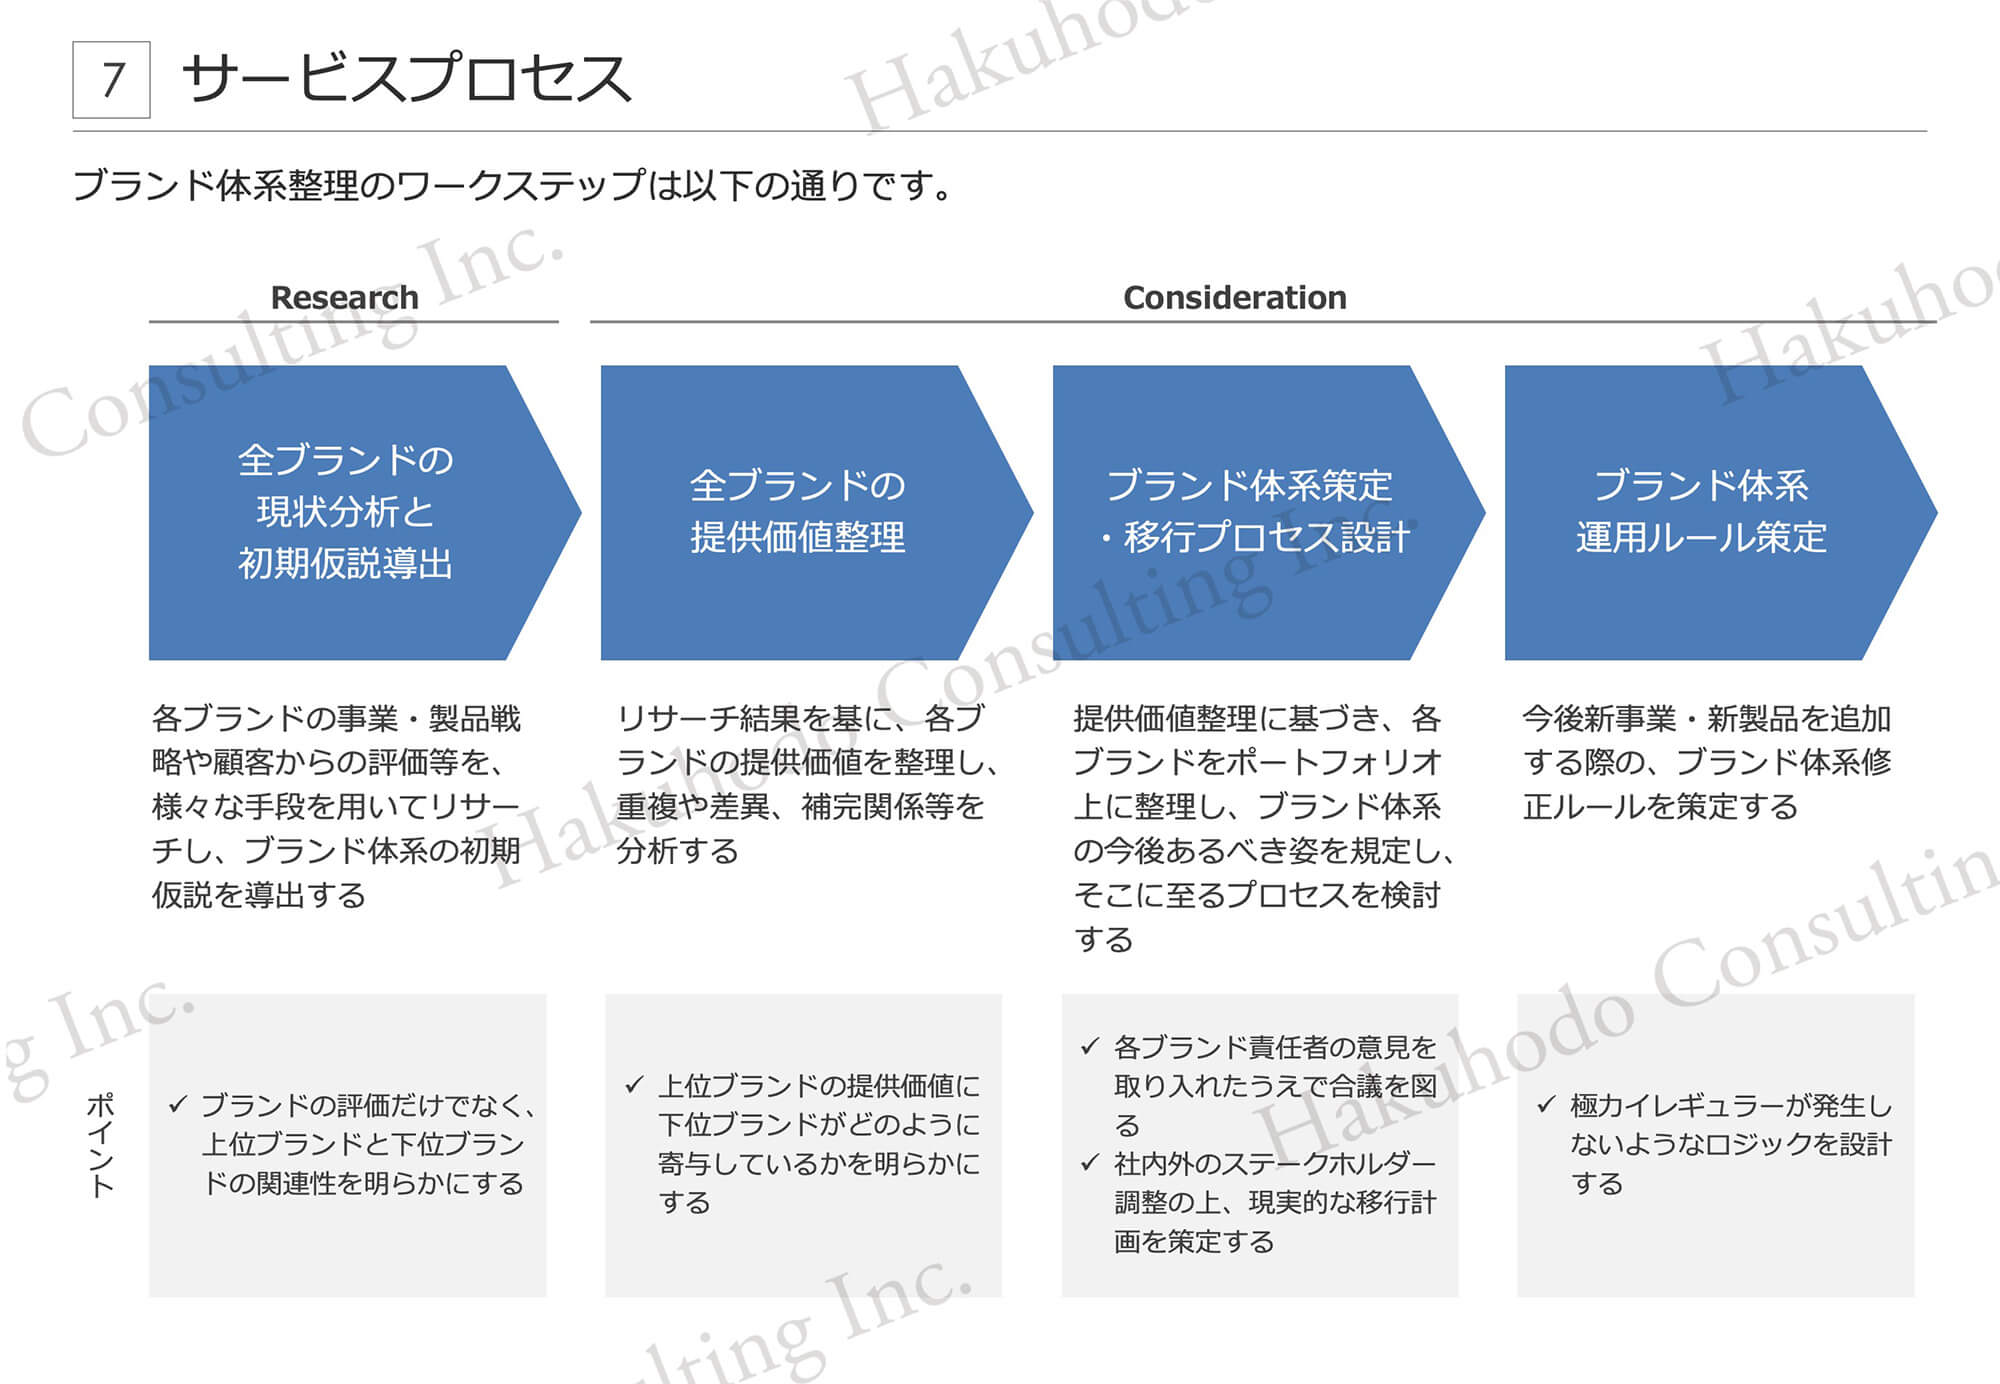 サービスプロセス ブランド体系整理のワークステップ